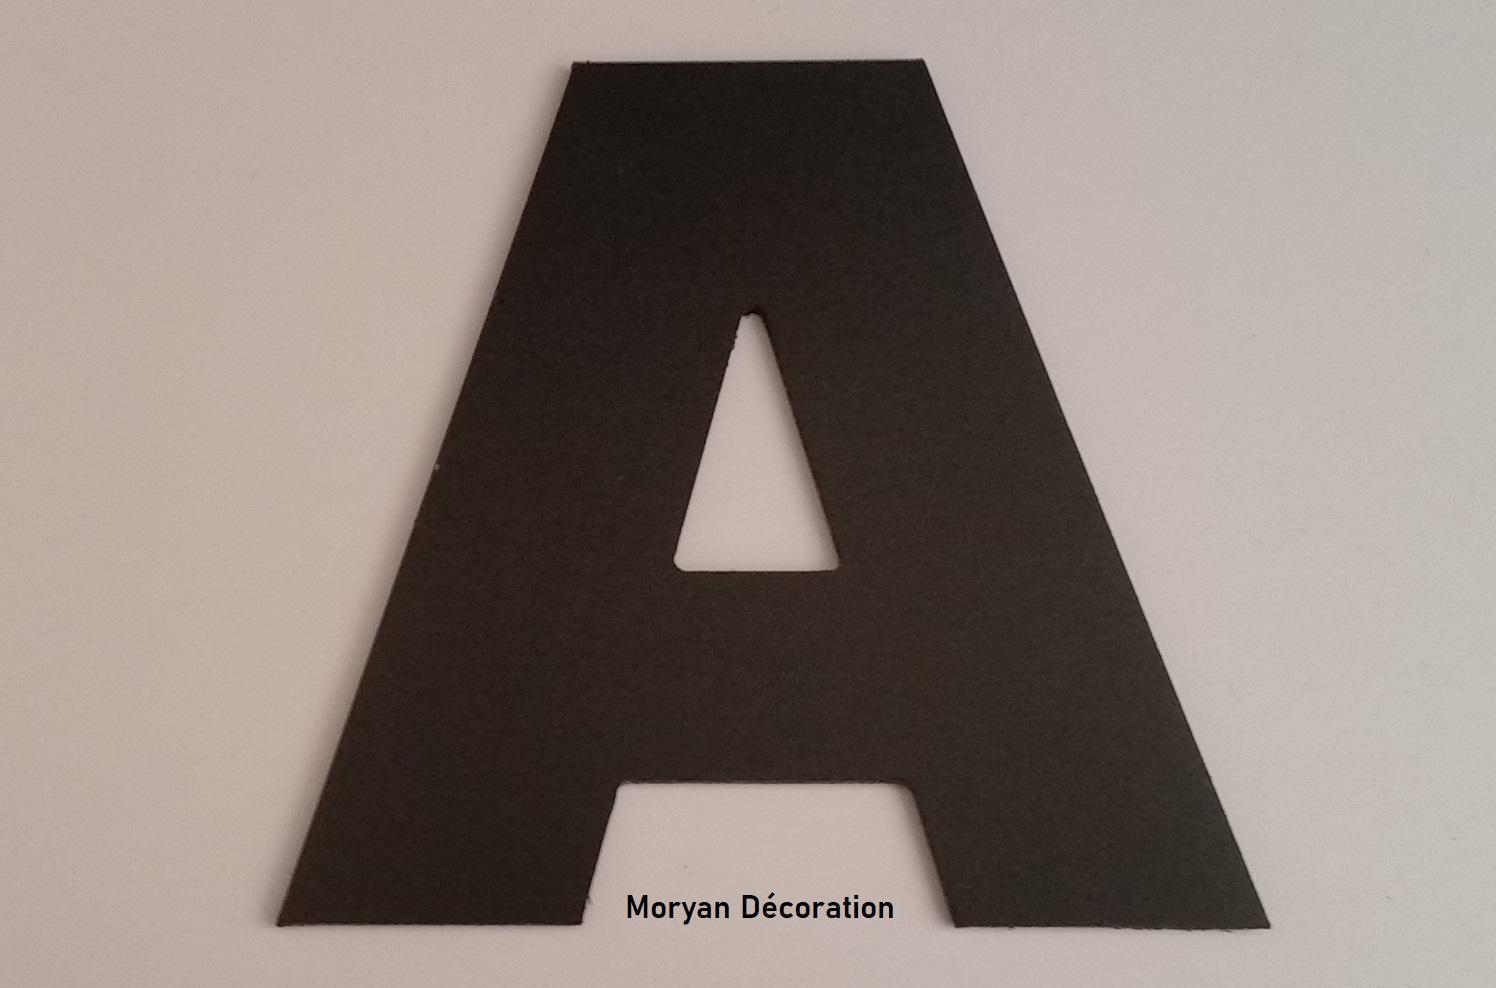 Lettre decorative murale en pvc couleur arial black